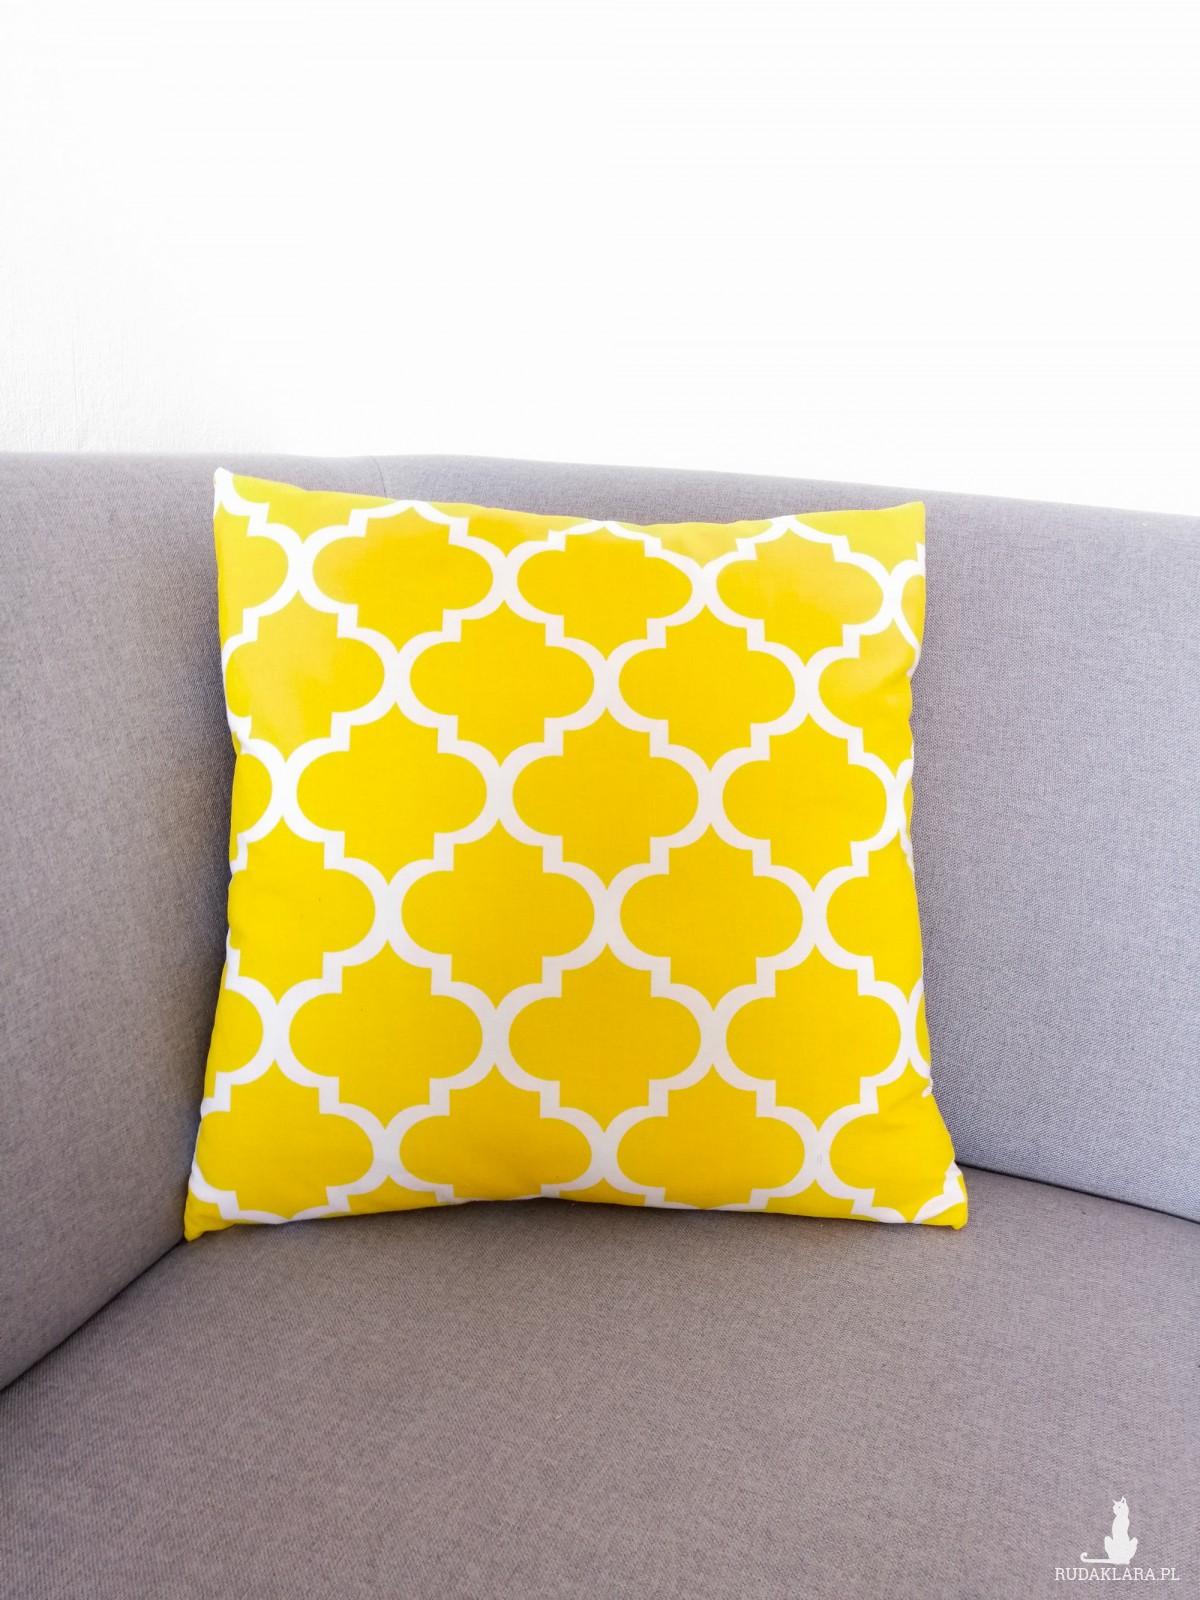 Poduszka dekoracyjna, żółty maroko,45x45cm.